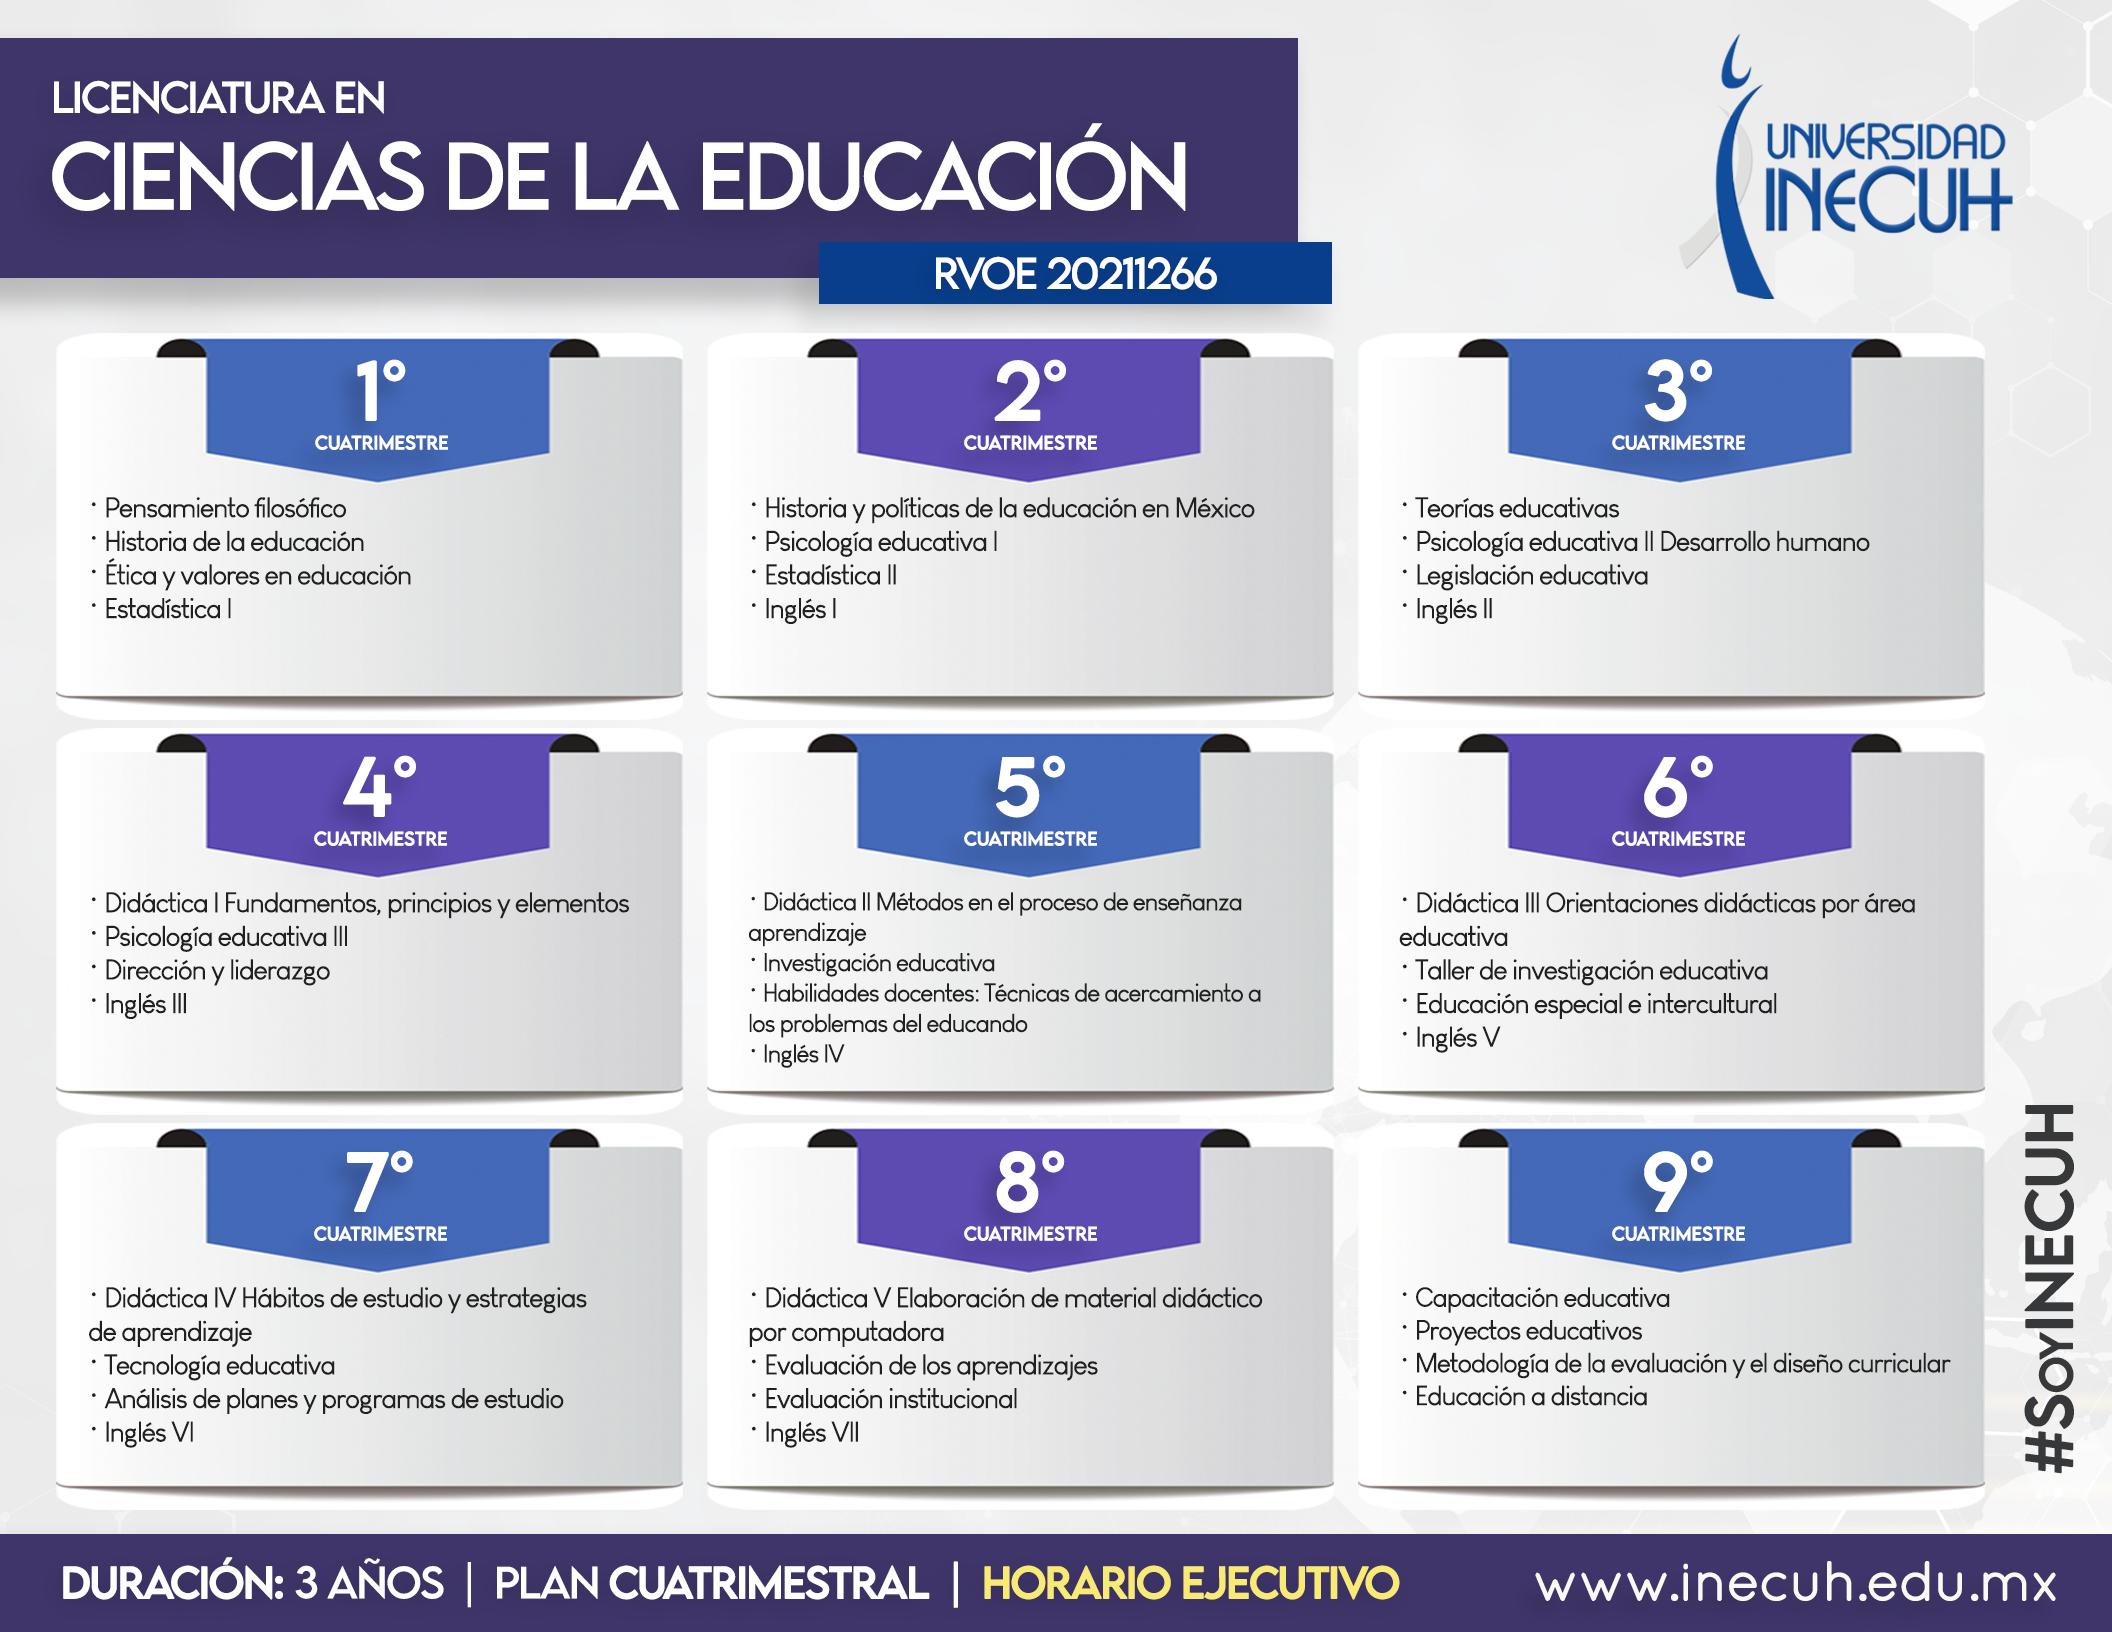 Ciencias de la Educación RVOE No. 20211266